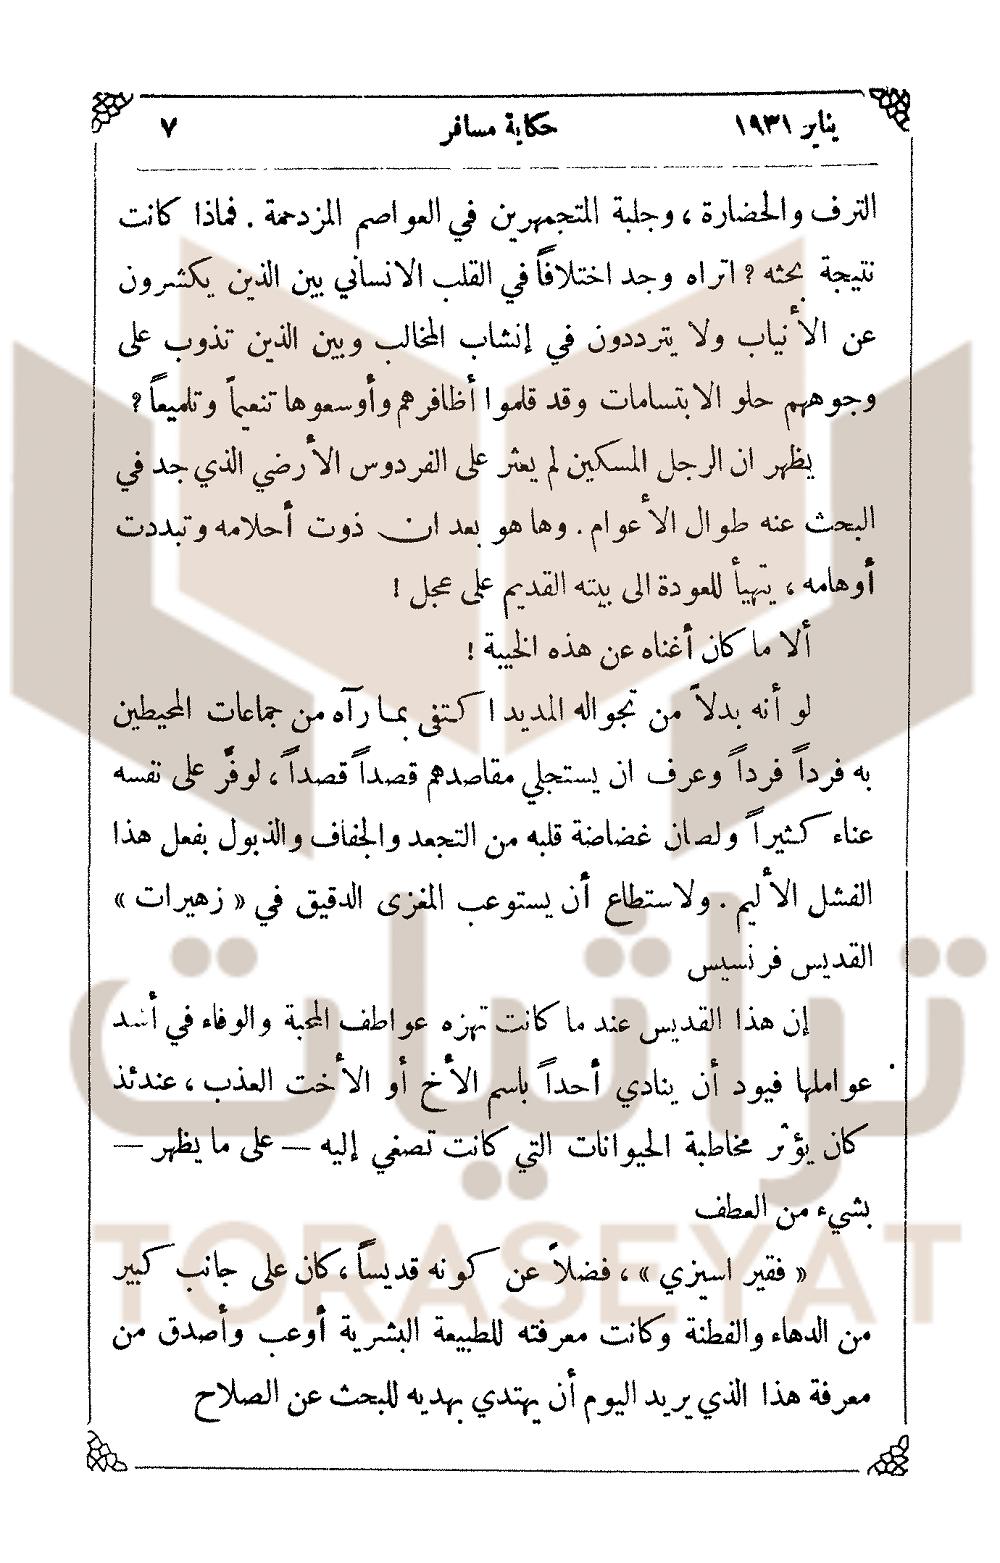 ص 2 من مقال حكاية مسافر لـ مي زيادة سنة 1931 م في المقتطف